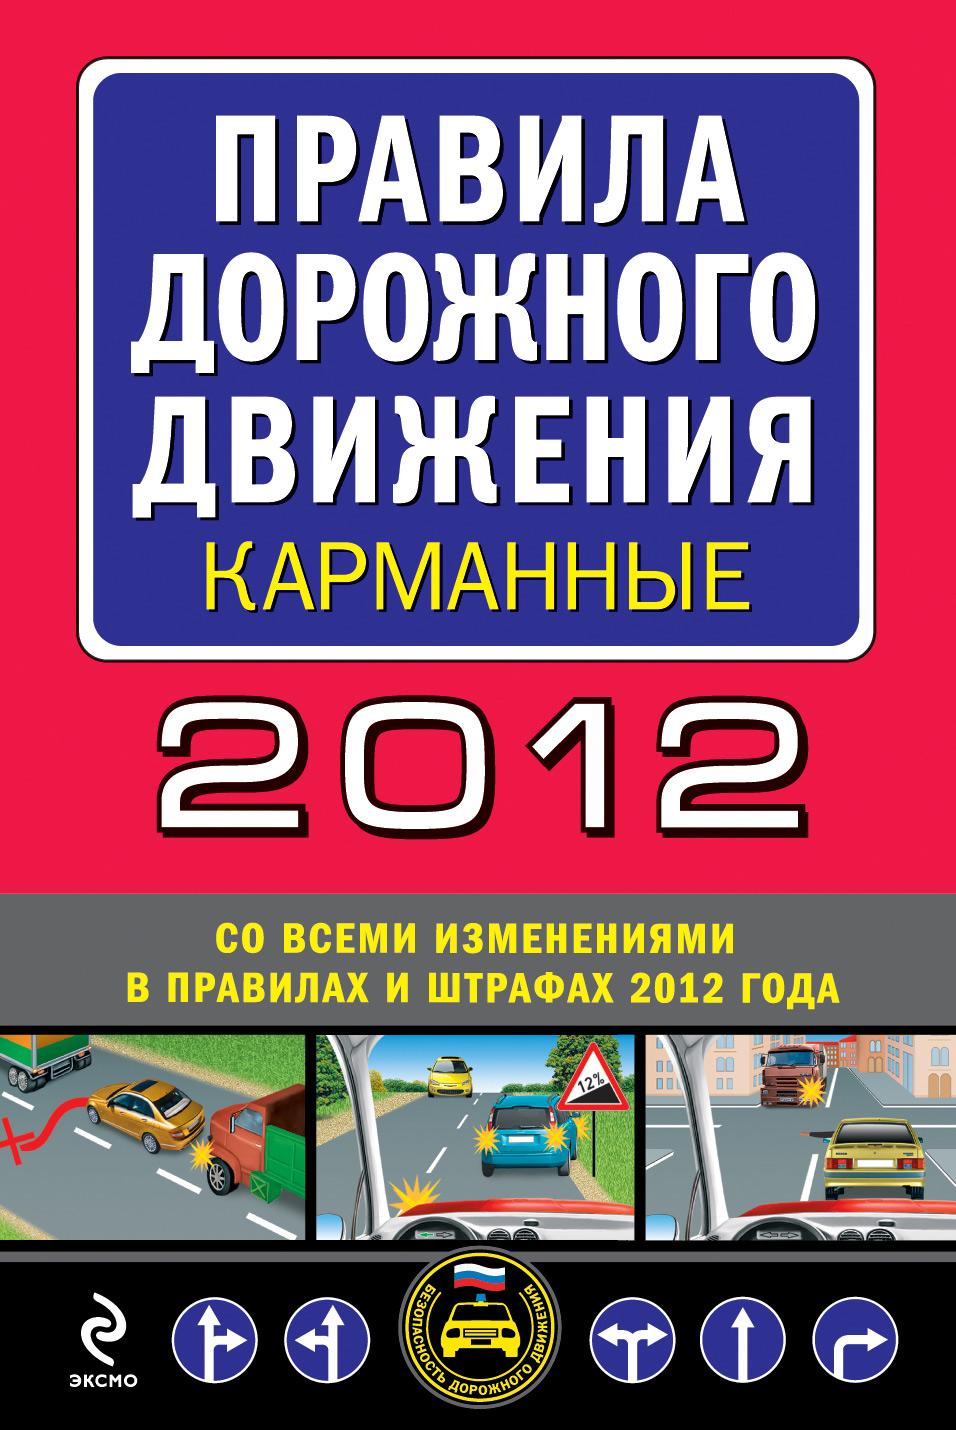 Сборник Правила дорожного движения 2012 (карманные) (со всеми изменениями в правилах и штрафах 2012 года) отсутствует правила дорожного движения 2014 со всеми последними изменениями в правилах и штрафах